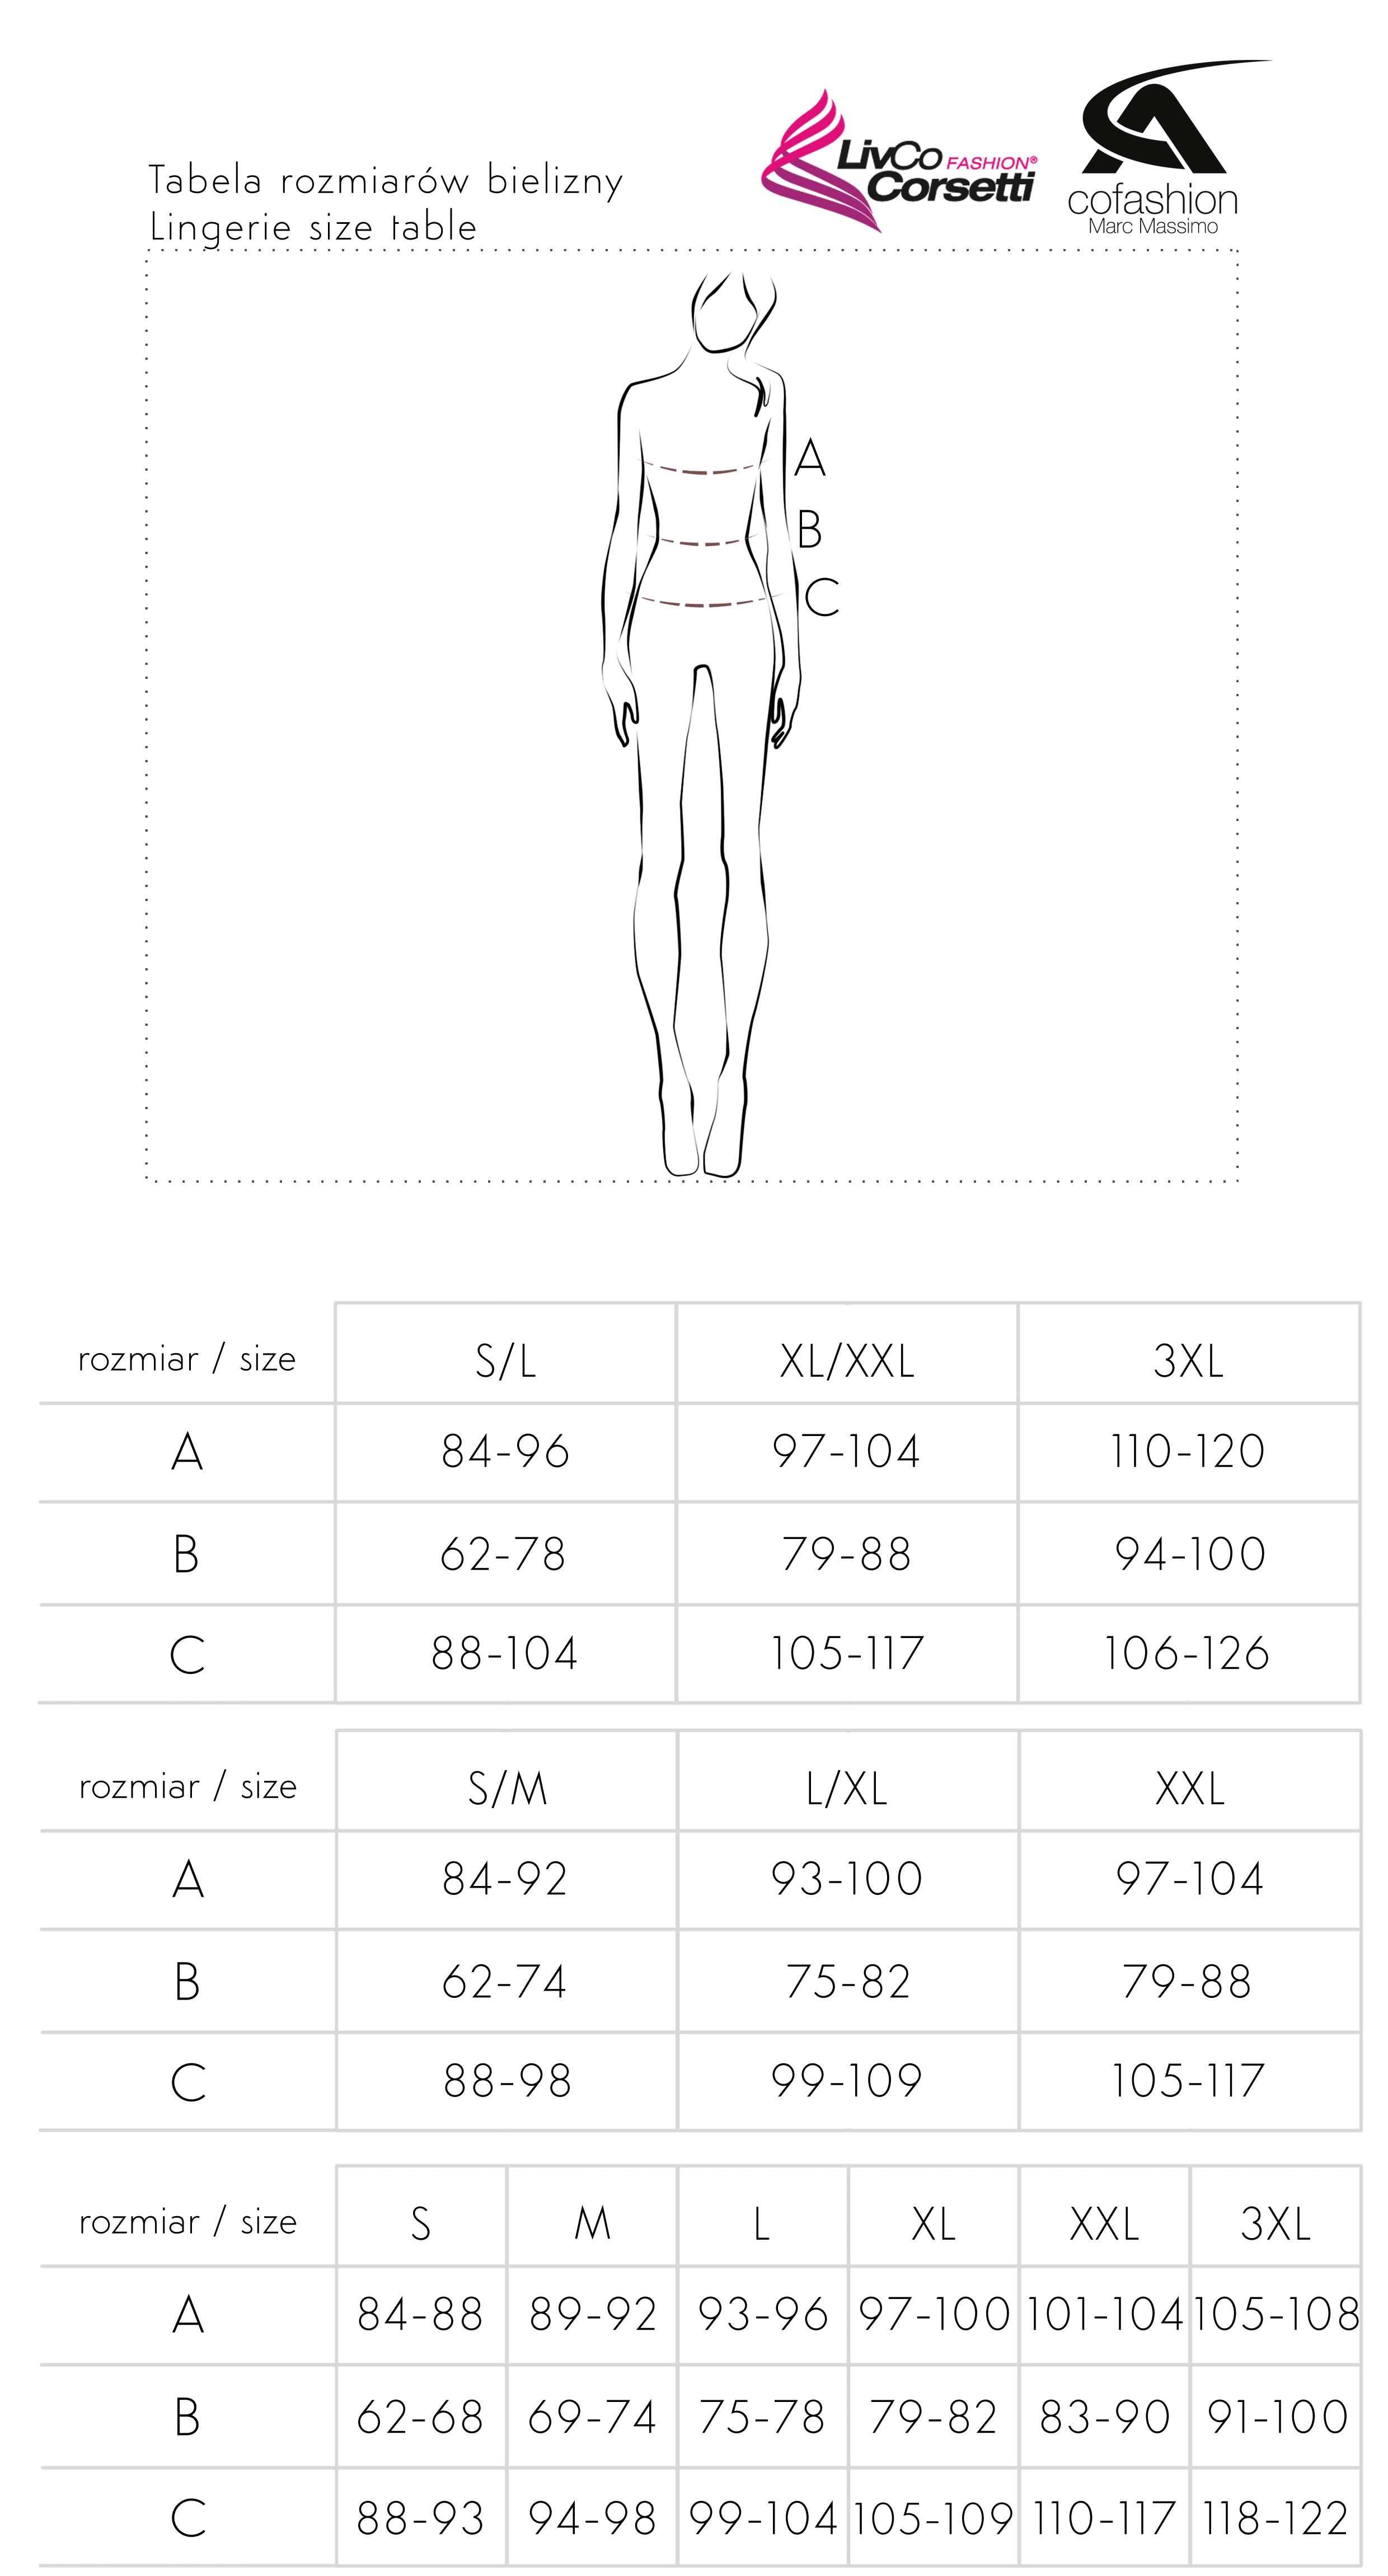 tabelka-livco-ogolna-wszystkie-rozmiary